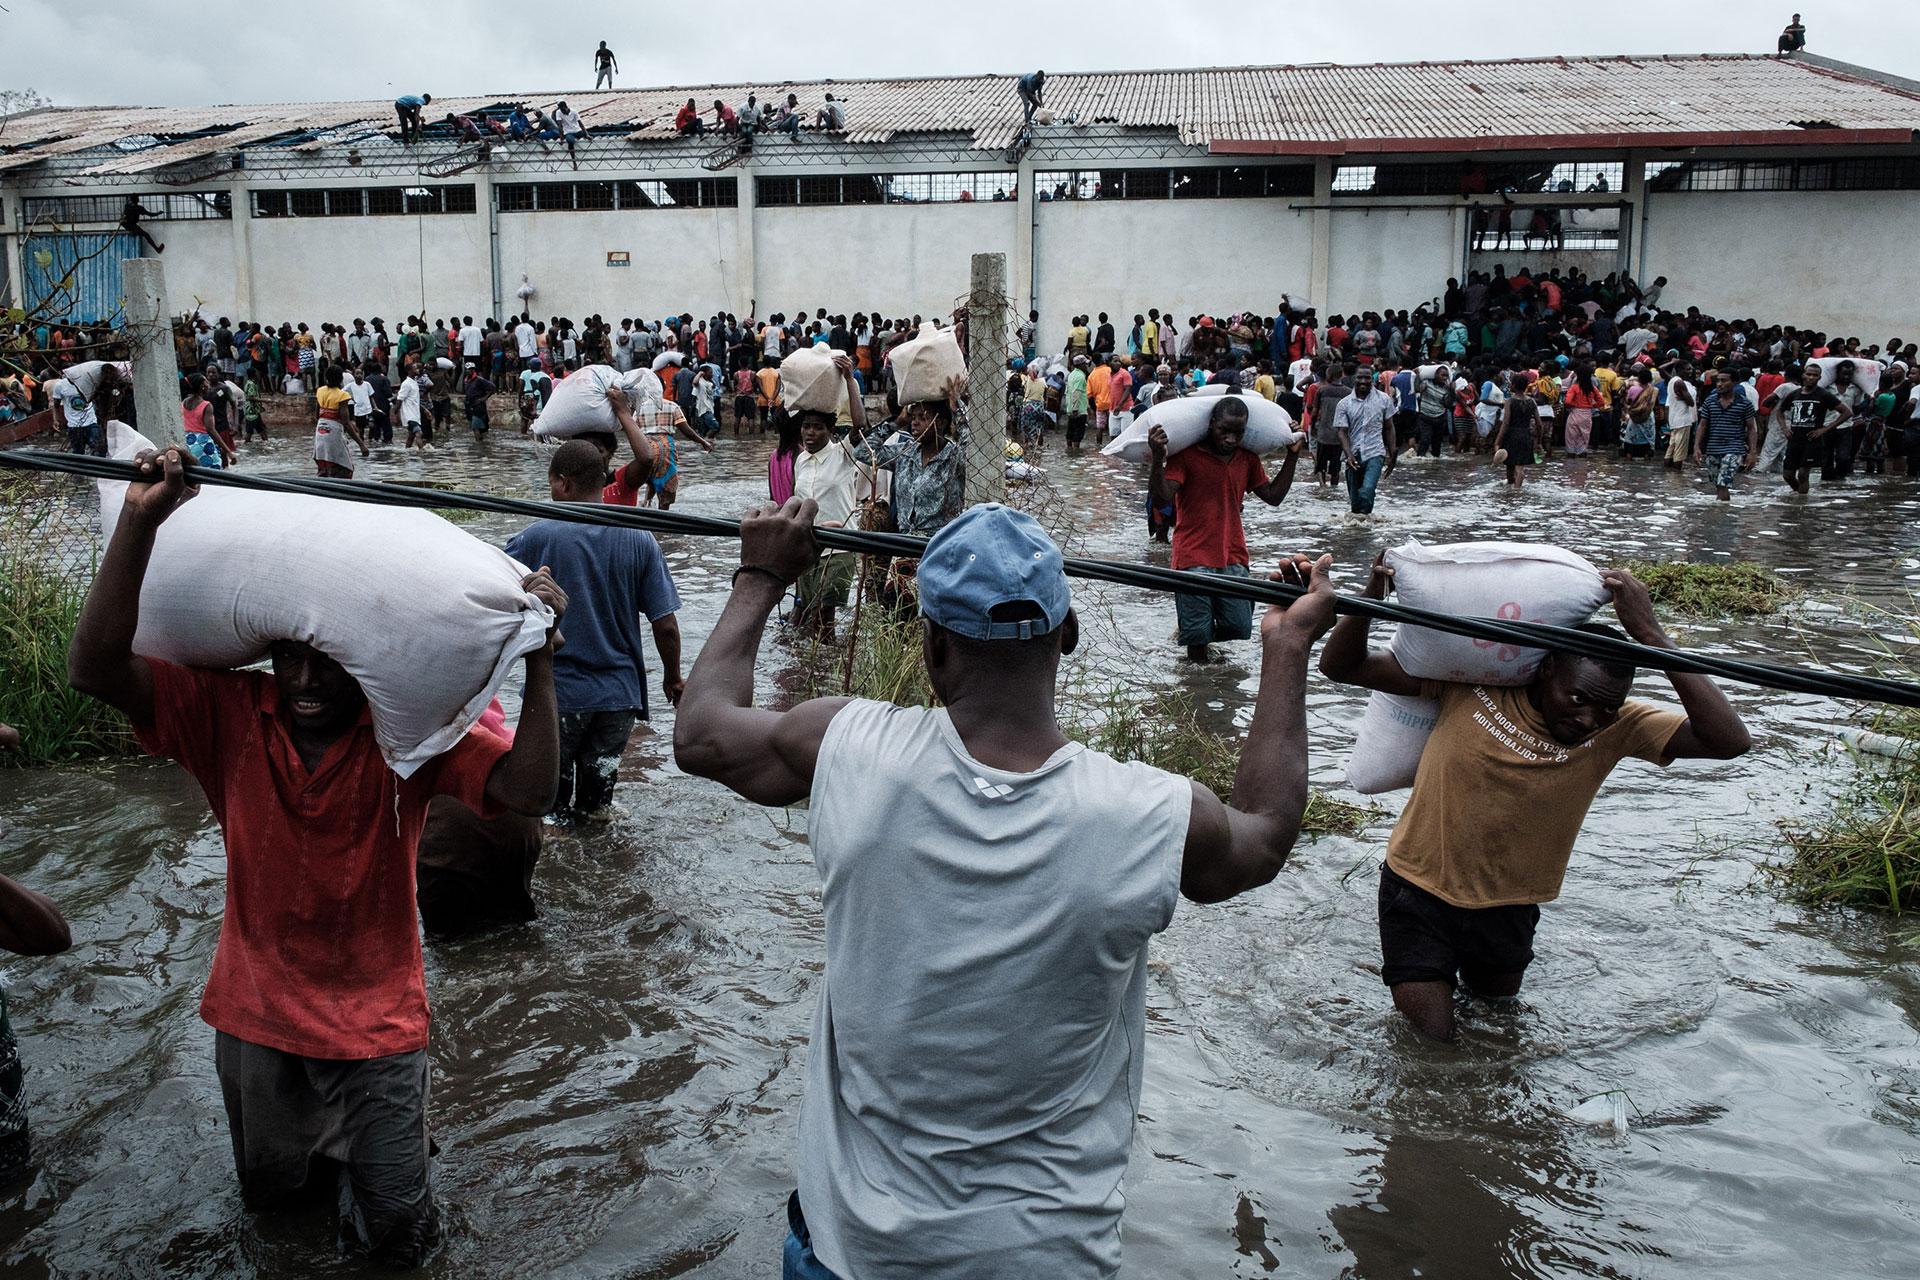 Un grupo de hombres traslada bolsas de arroz que llegó como parte de la ayuda humanitaria (Foto: Yasuyoshi CHIBA / AFP)